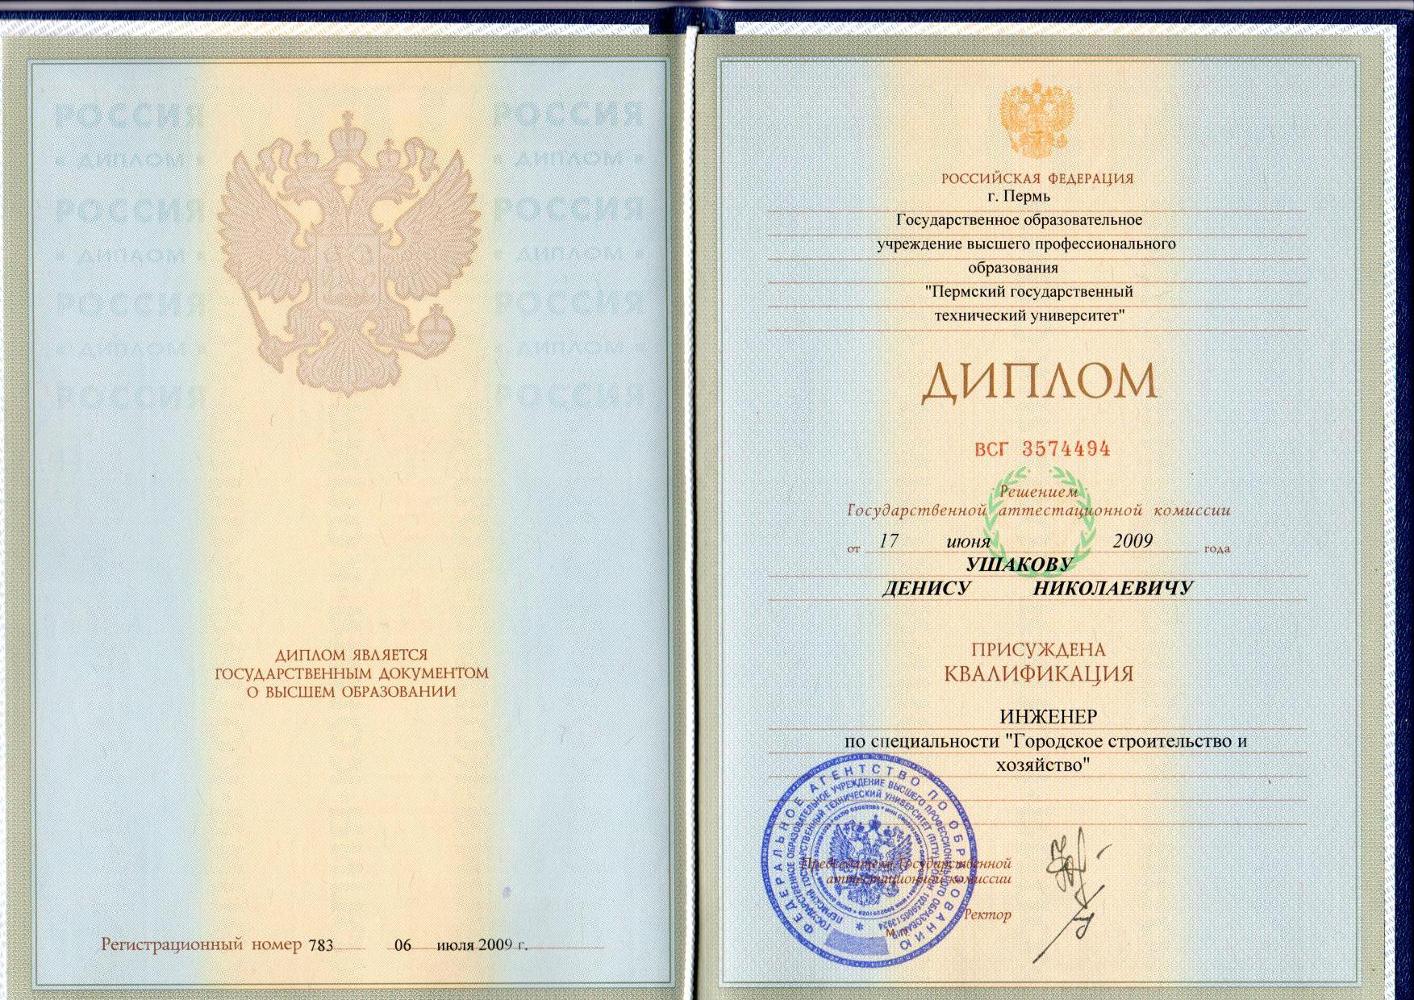 Лицензии Пермский центр комплексных решений Диплом ПГТУ Ушаков Денис